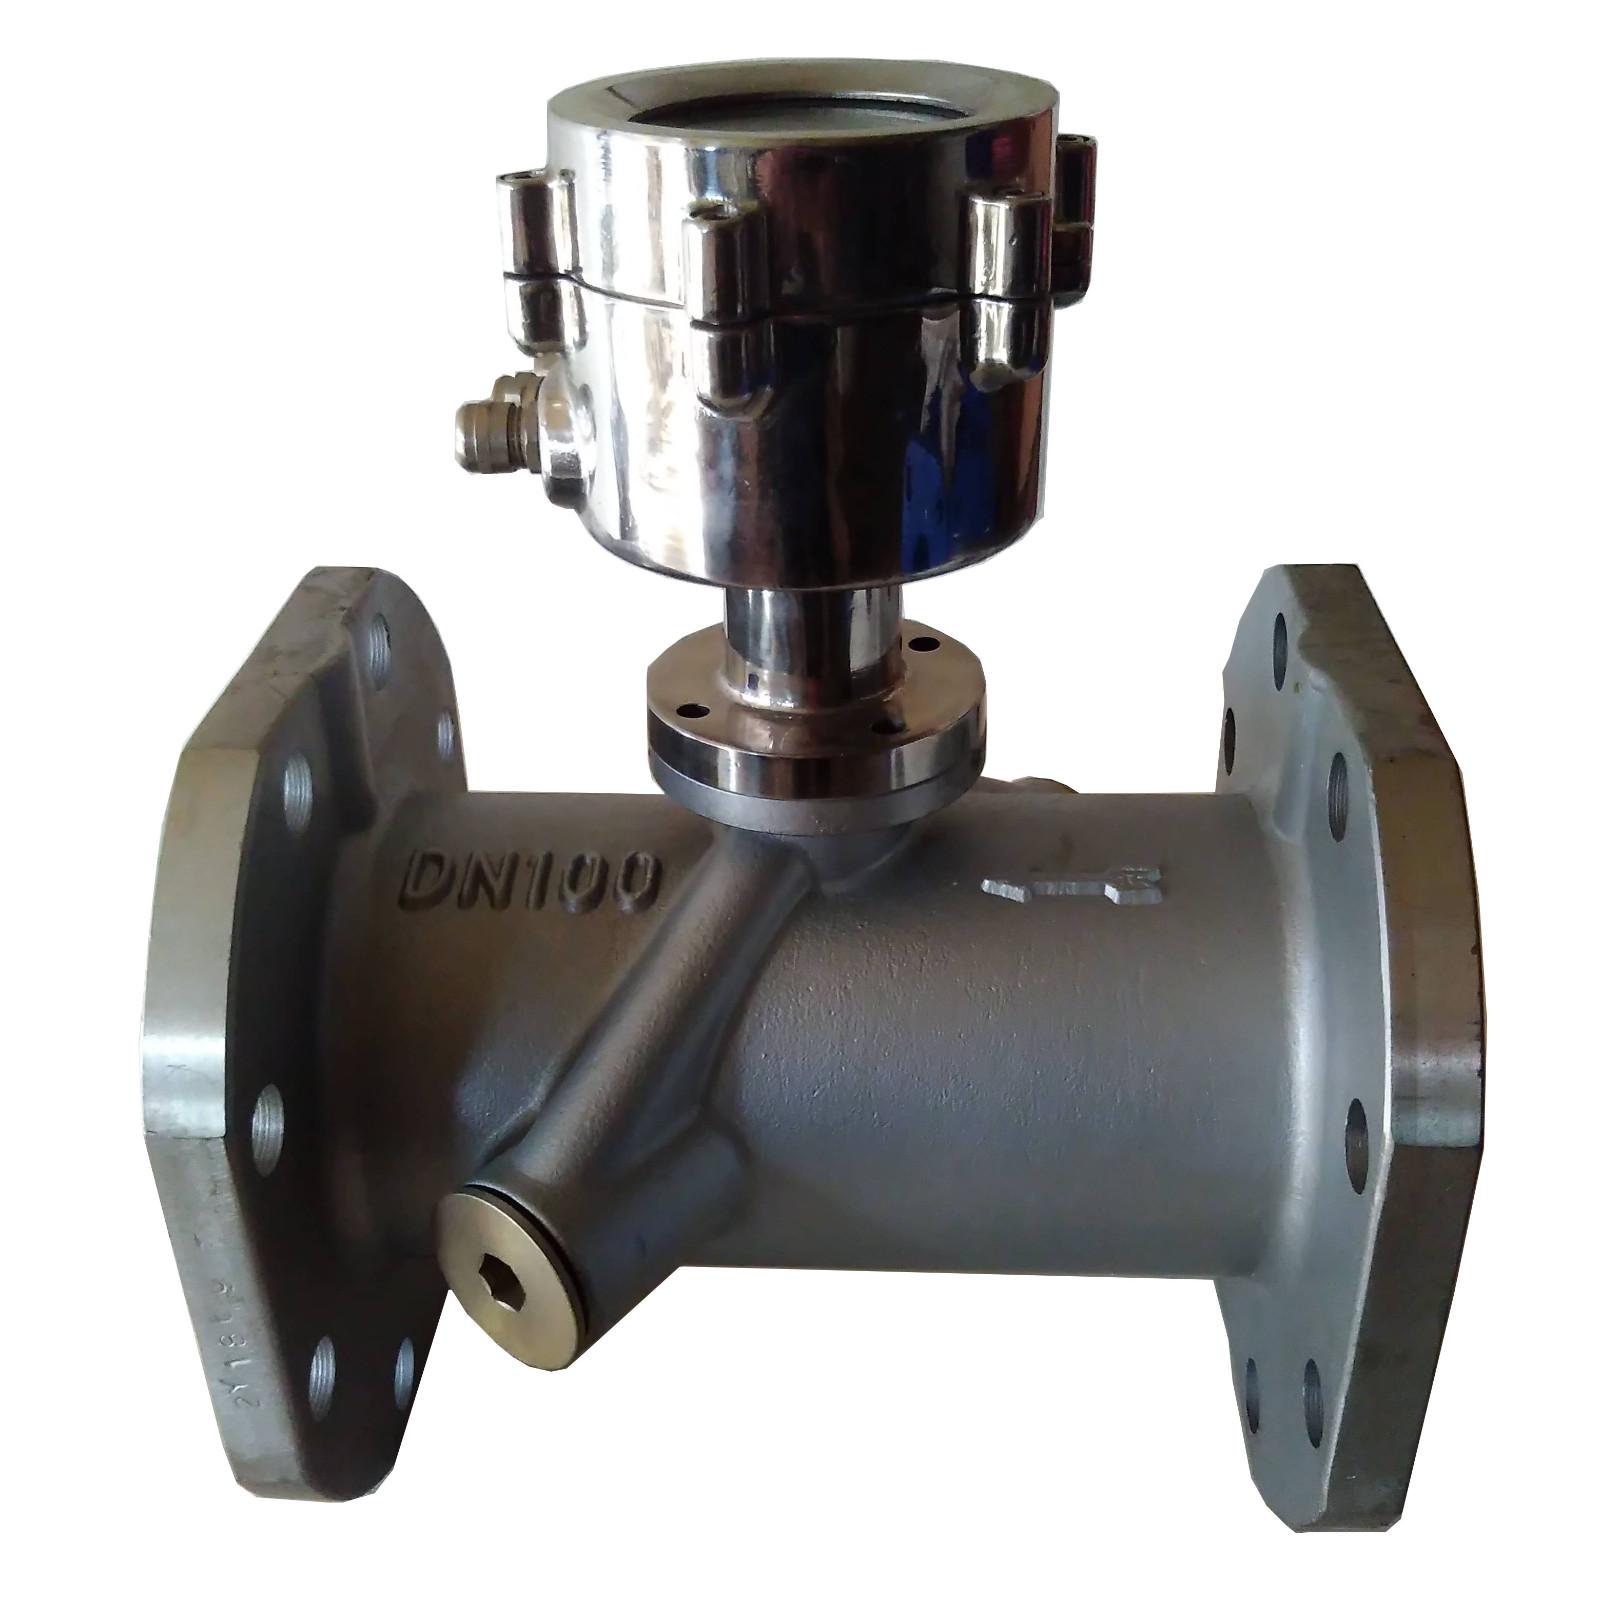 不锈钢超声波流量计,工业大口径超声波水表,户用小口径热量表,消防